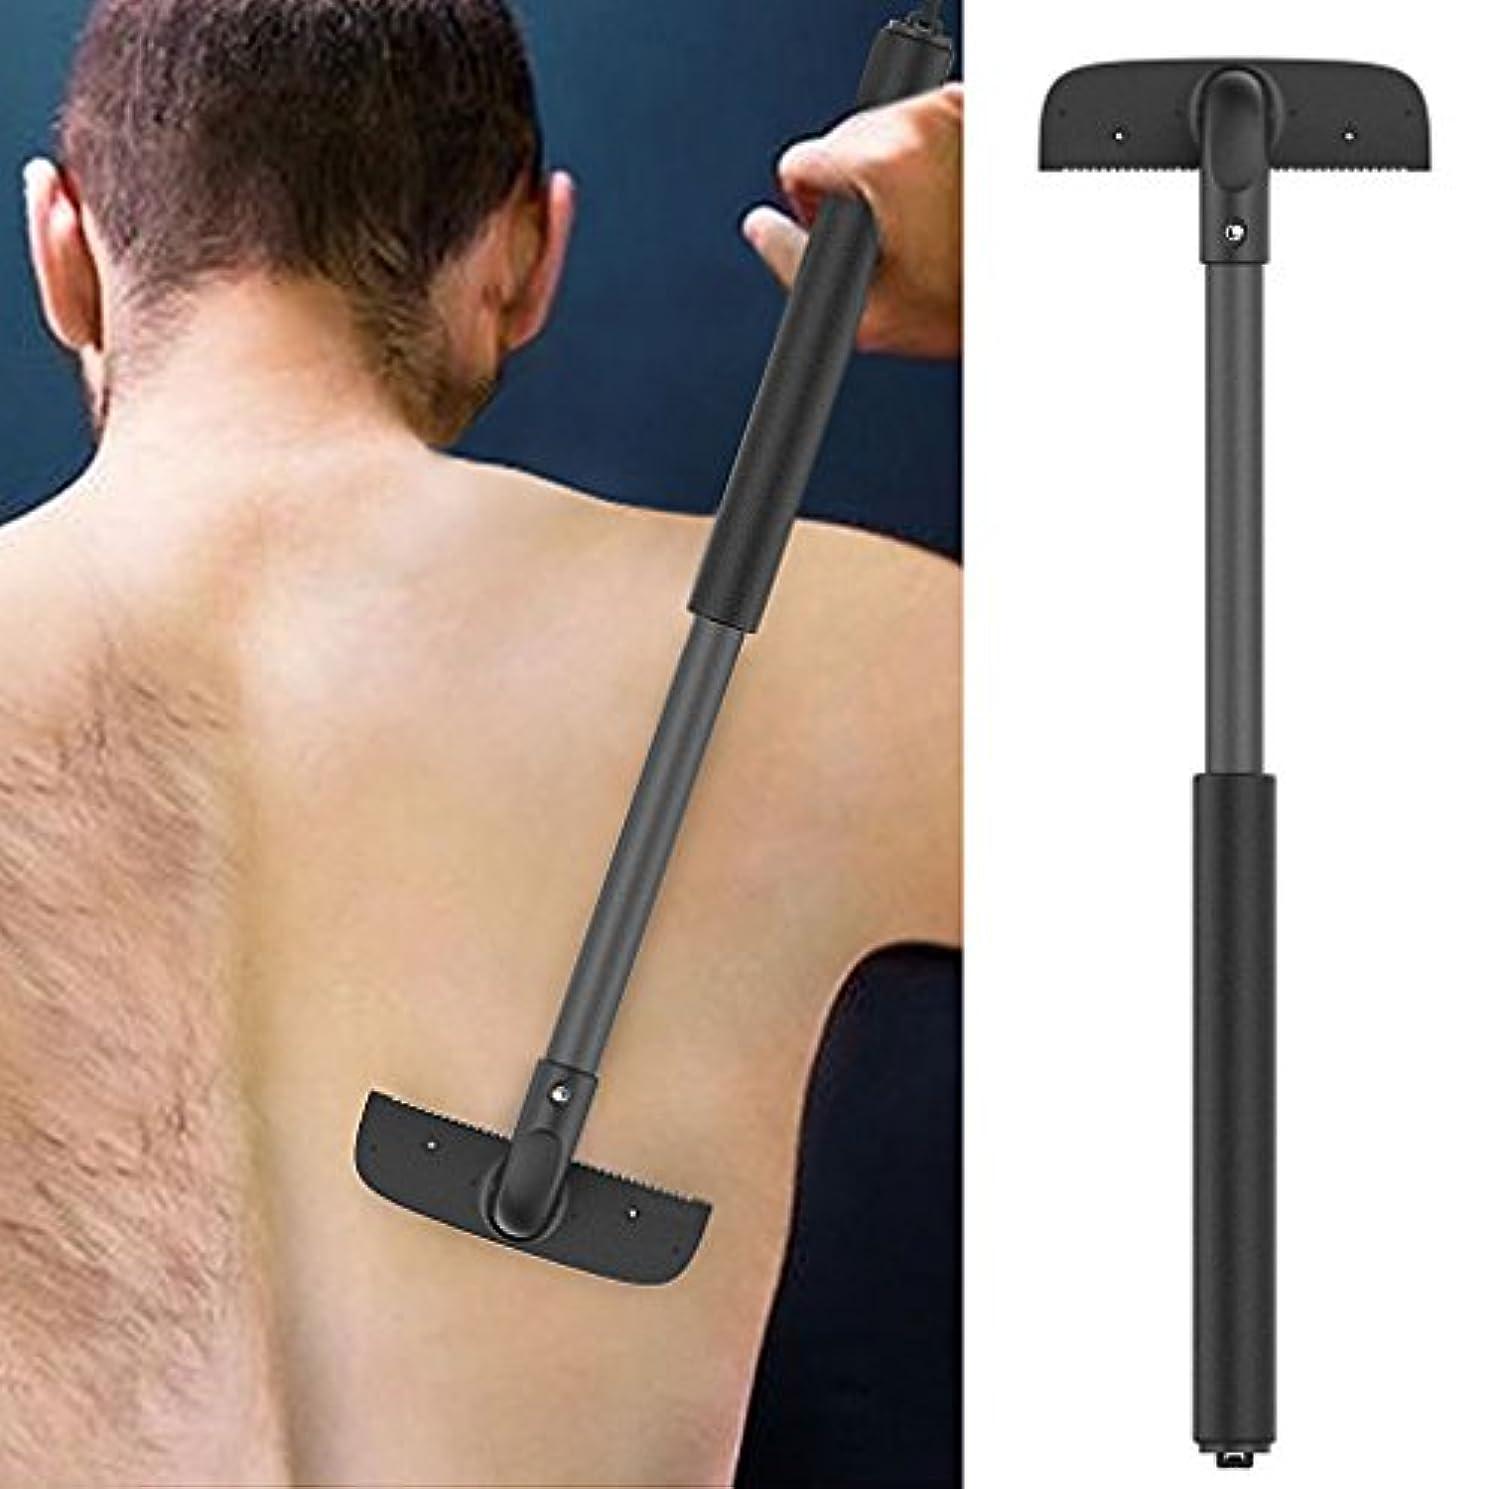 一流知覚的ミリメートルChunse バックヘアとボディシェーバー、バック脱毛、ボディシェーバー、男性のための剃刀、調節可能なハンドル、伸縮可能なトリマー剃刀セルフグロマーツール